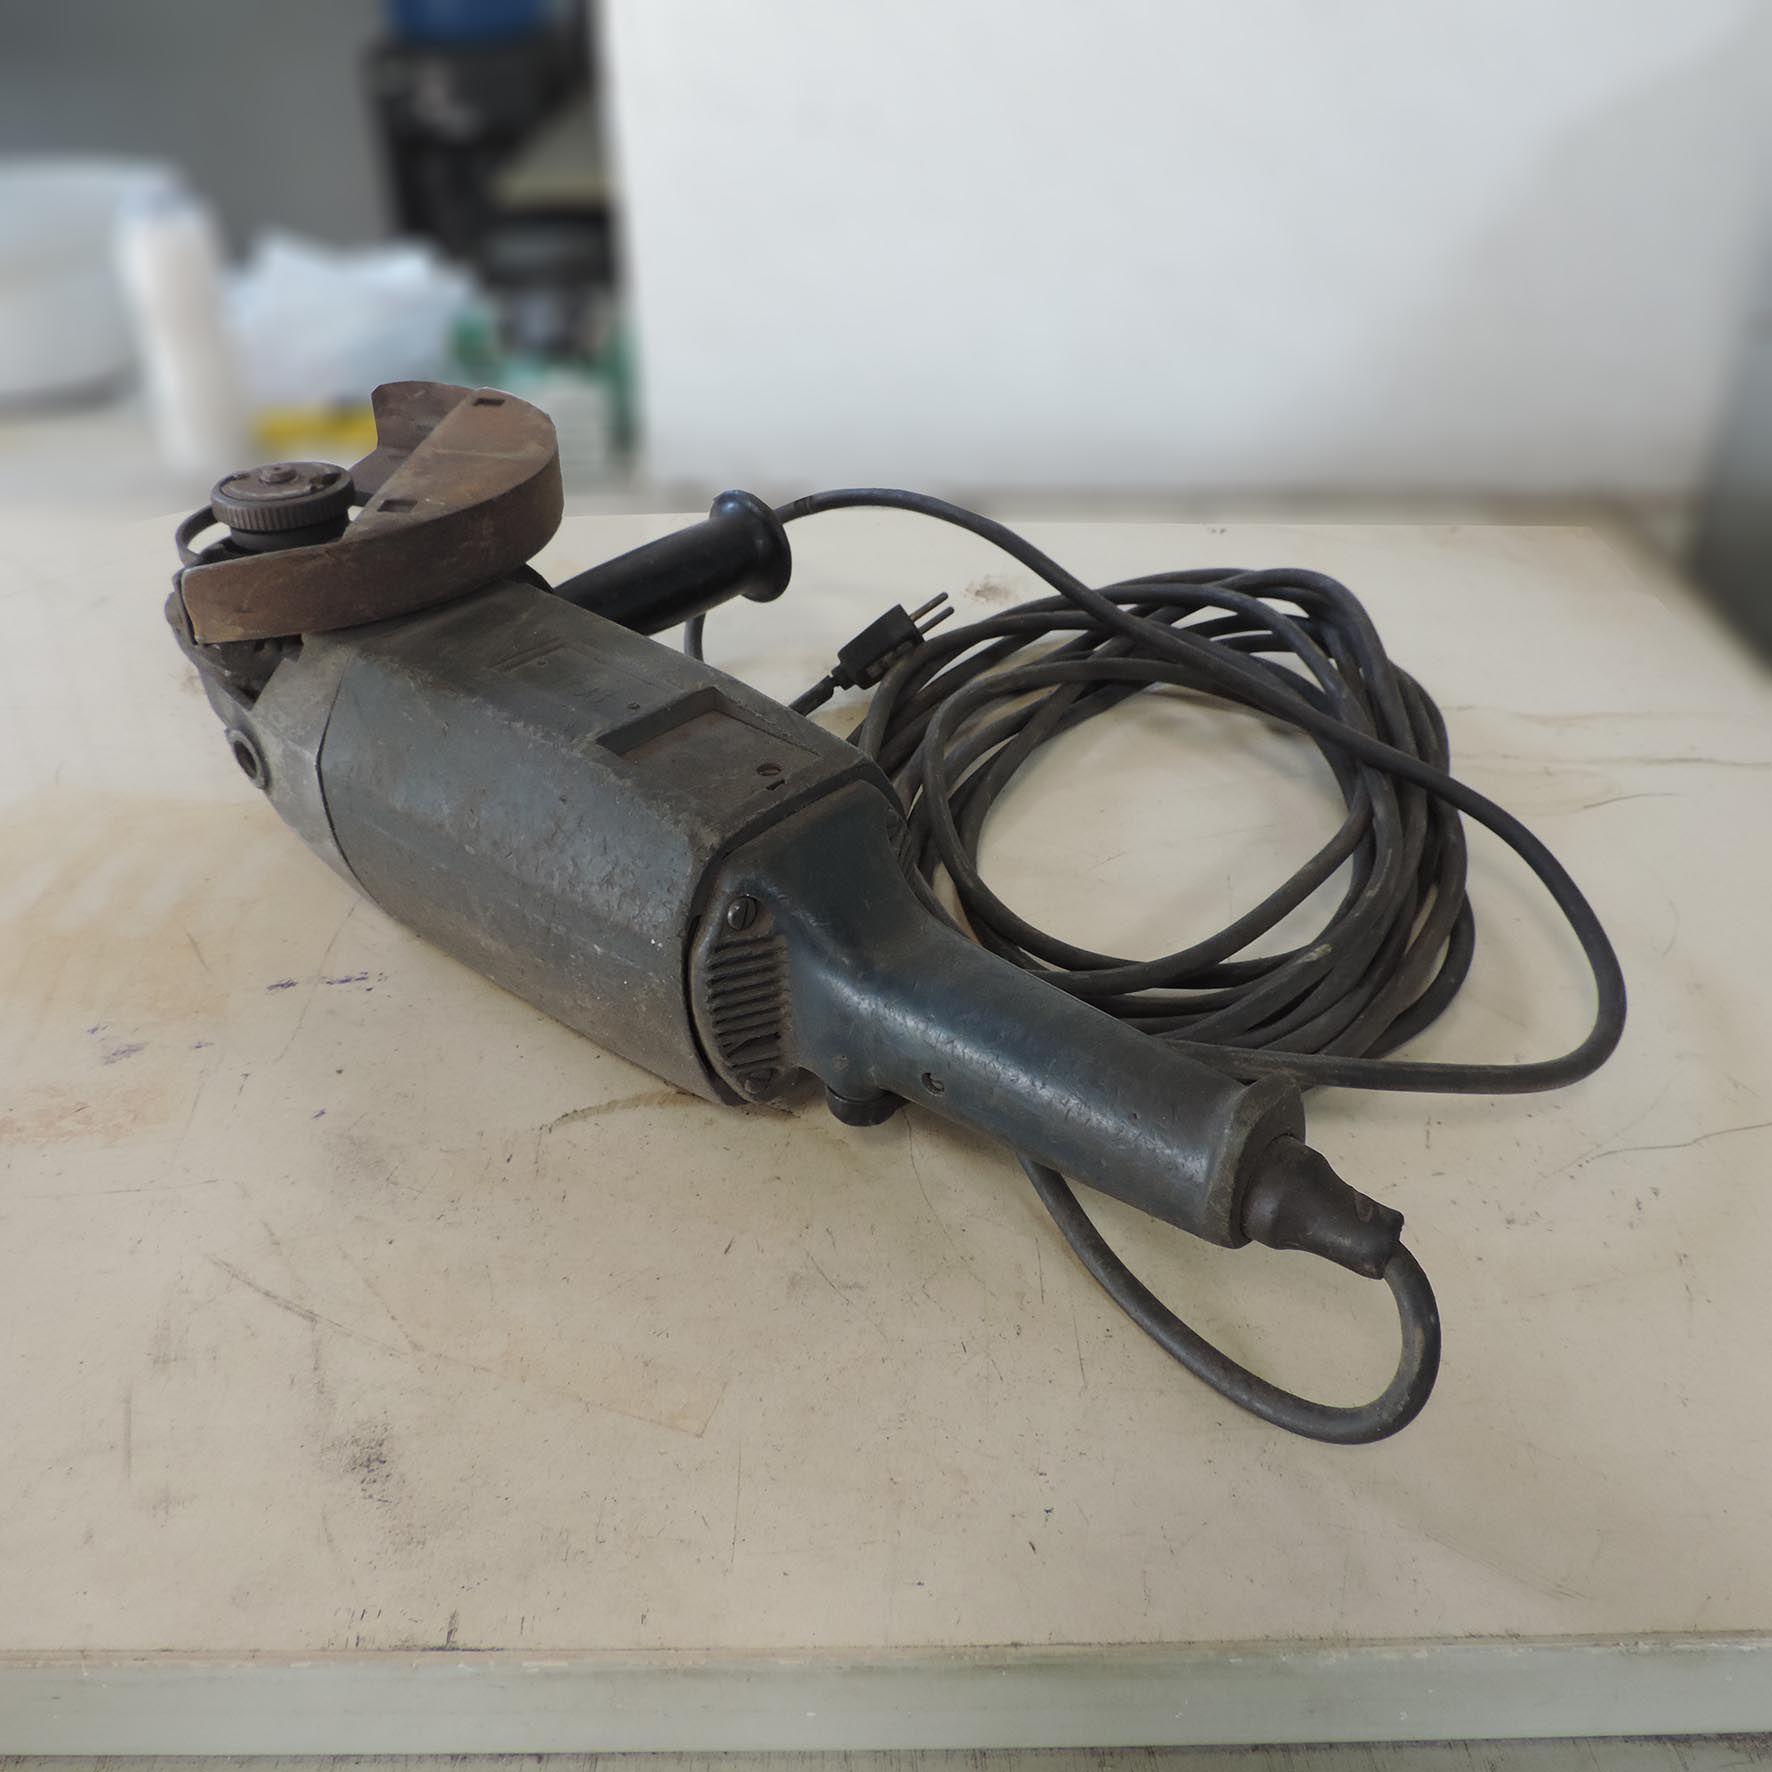 Esmerilhadeira Bosch ART20 - Usado